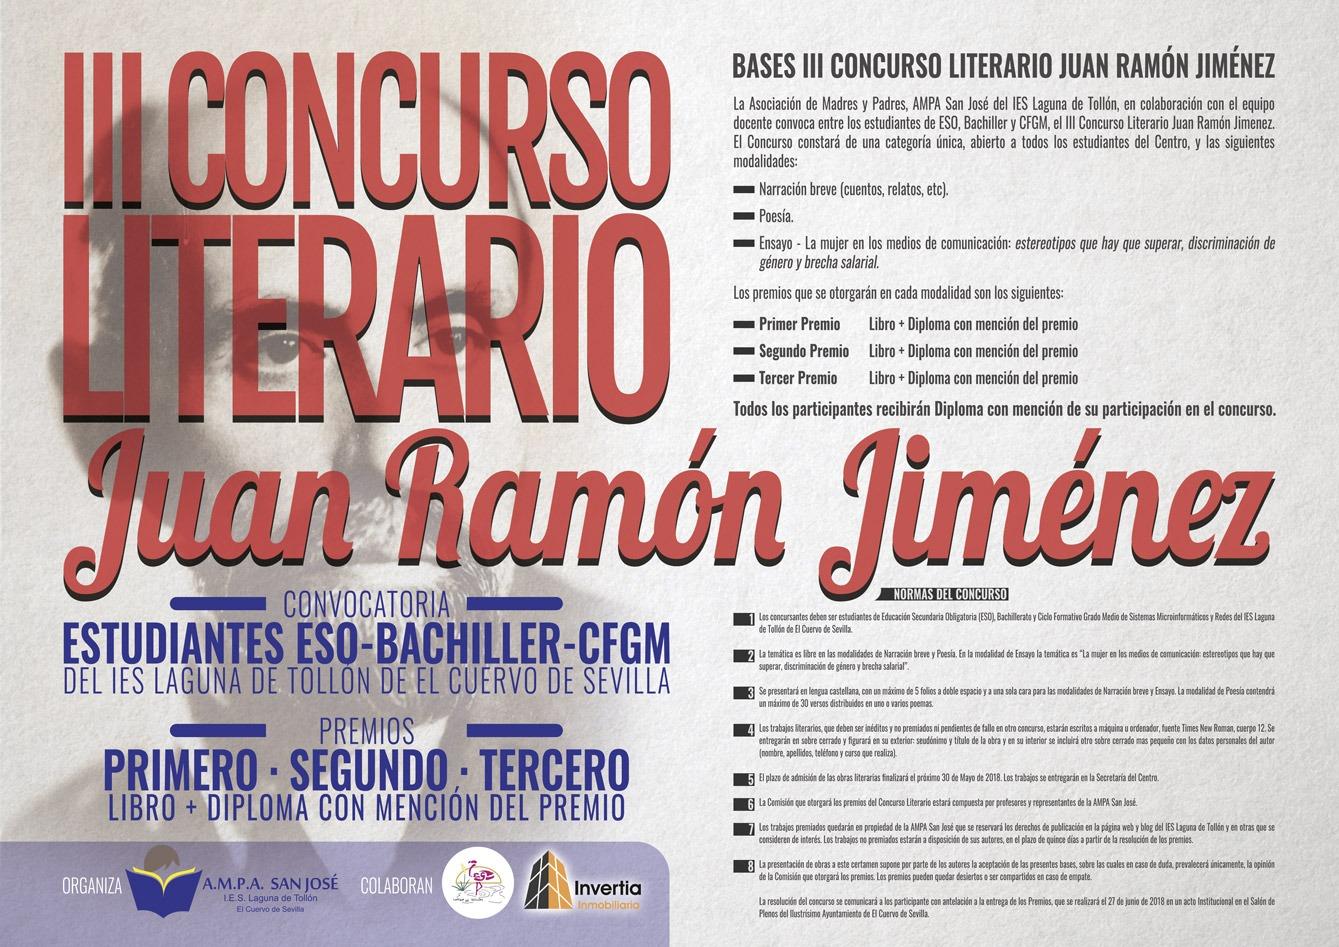 III Concurso Literario Juan Ramón Jiménez